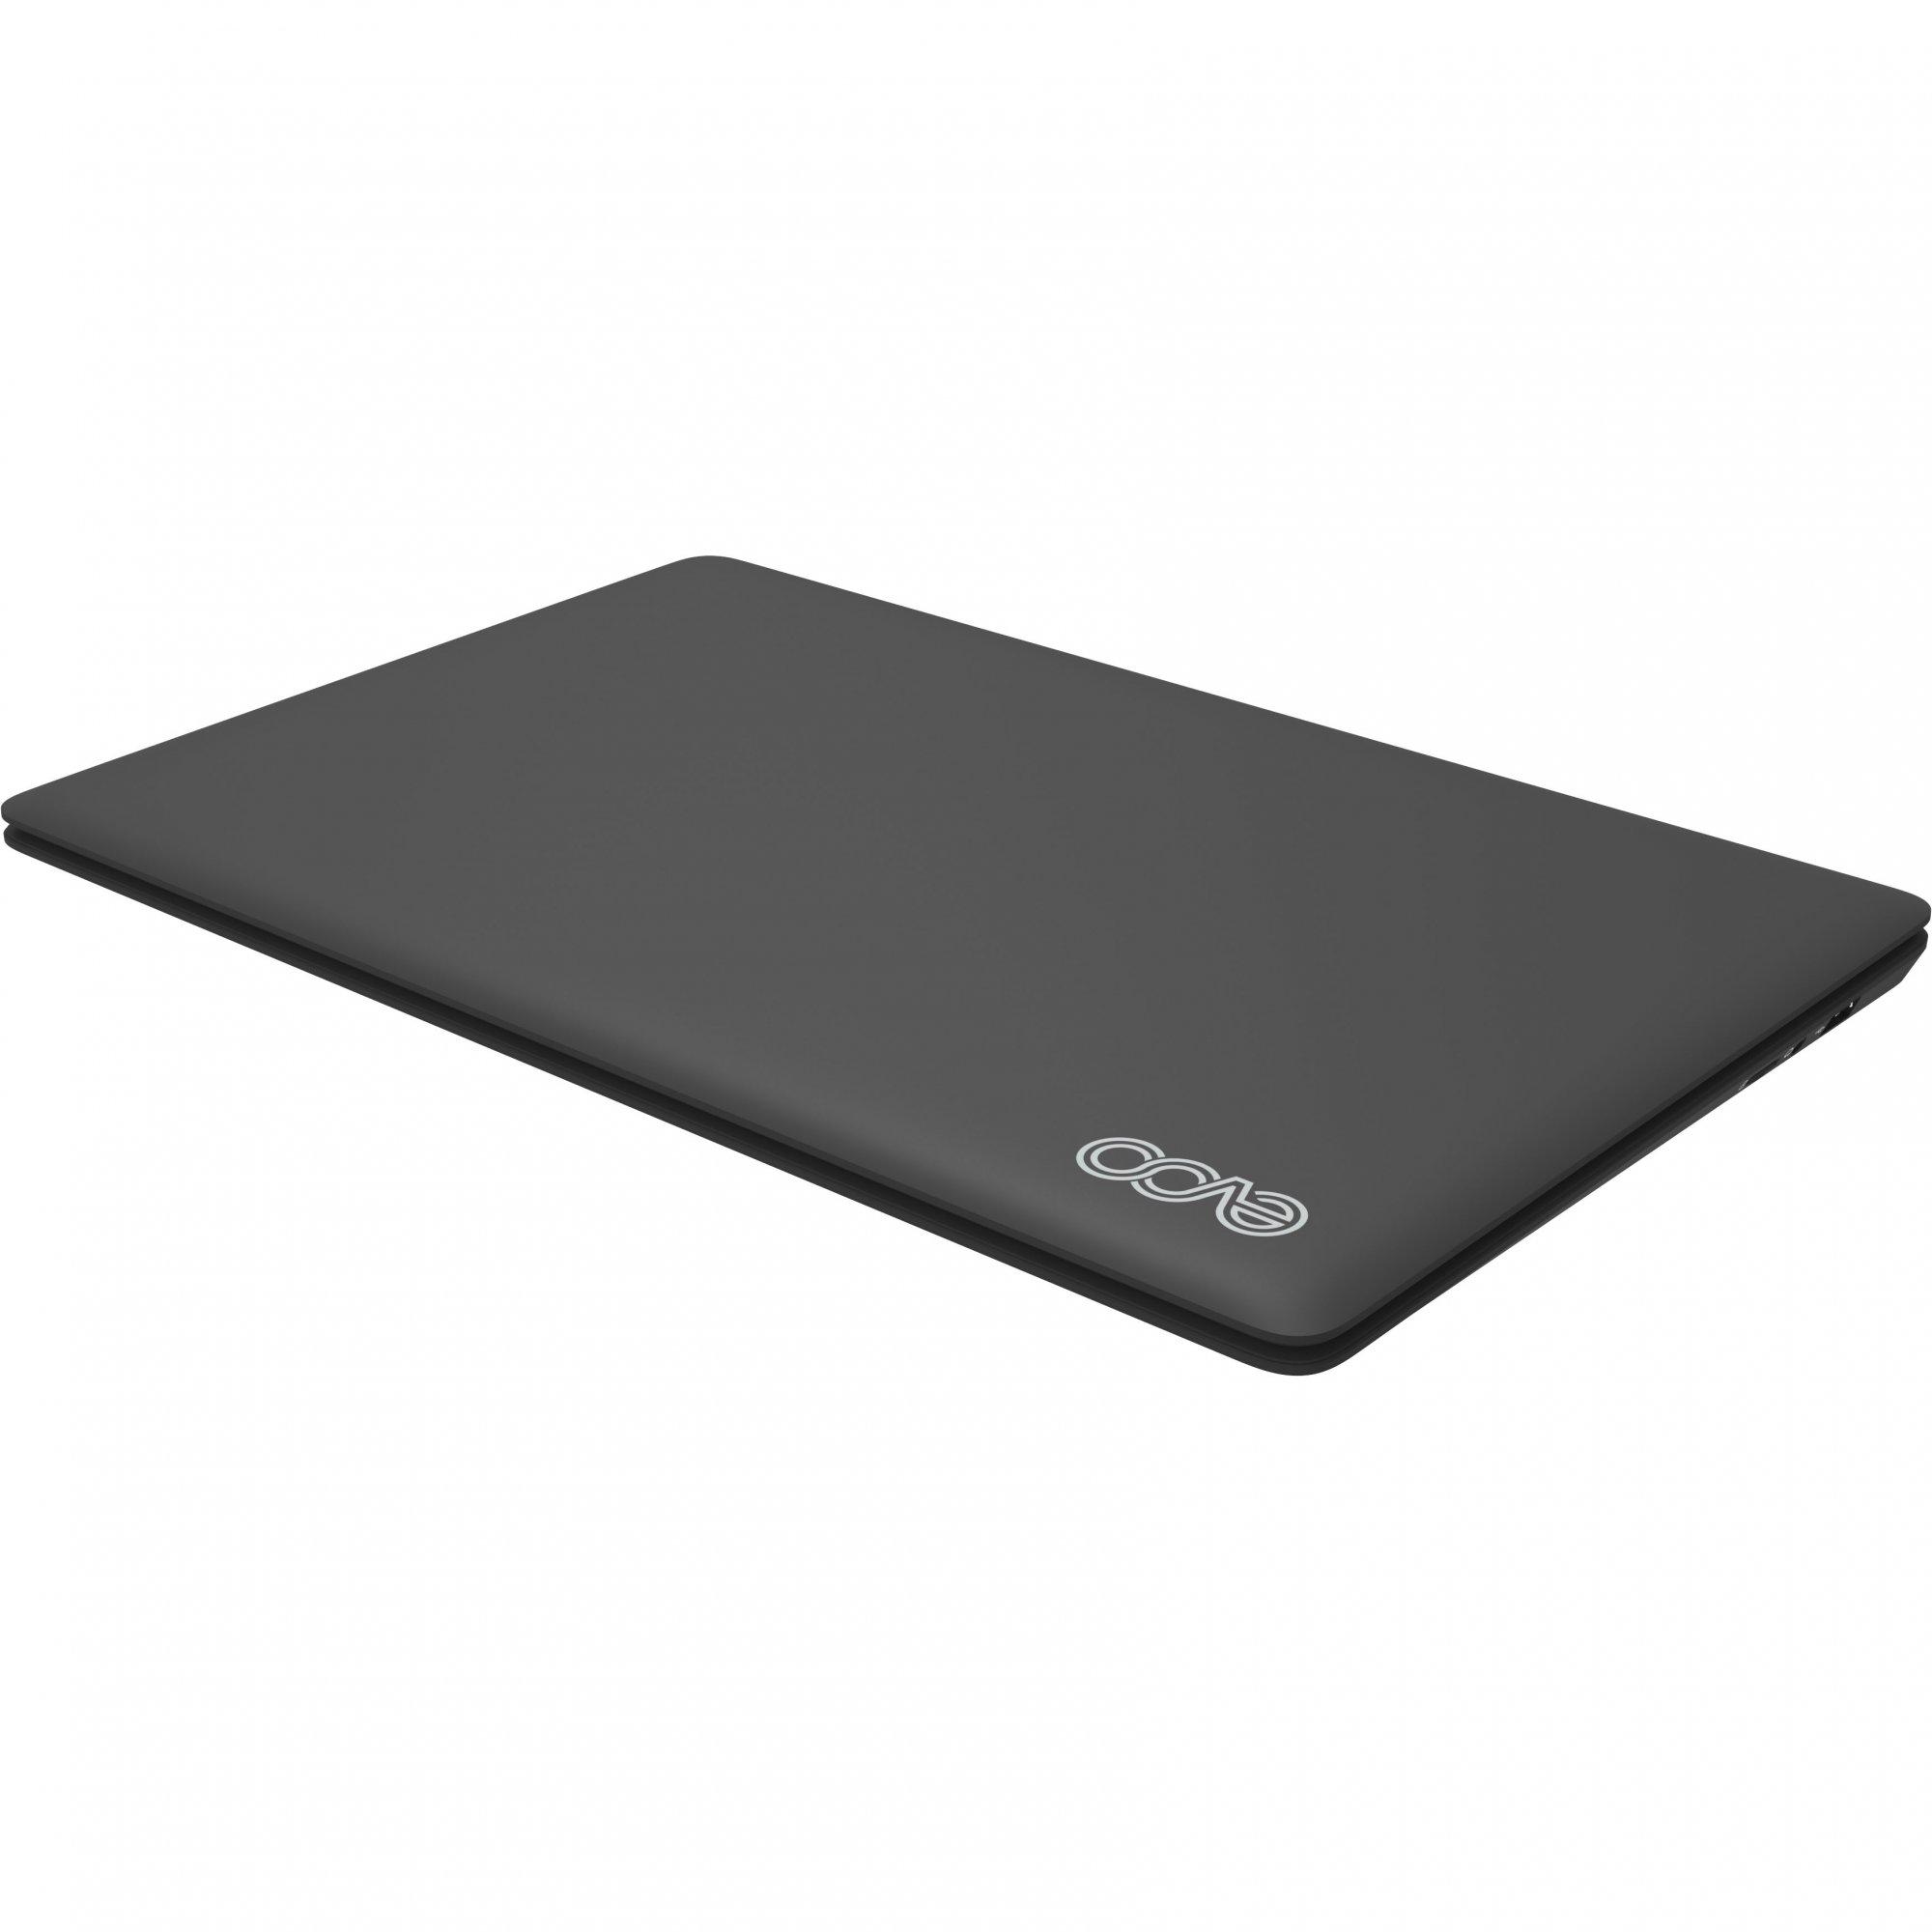 notebook evoo ultra thin evc156 2bk intel i7 7560u 8gb 256ssd 156 preto w10 51146 2000 203415 1